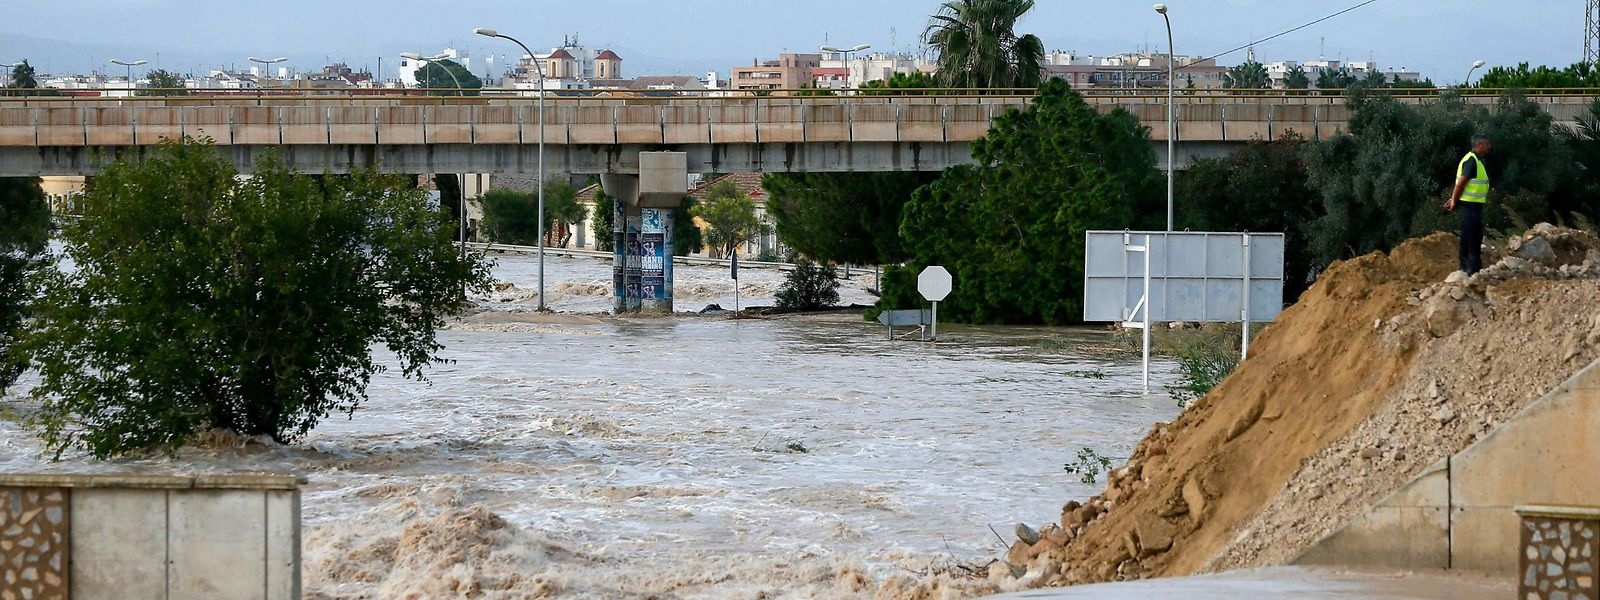 Der Fluss Segura in Almoradi am 14. September.